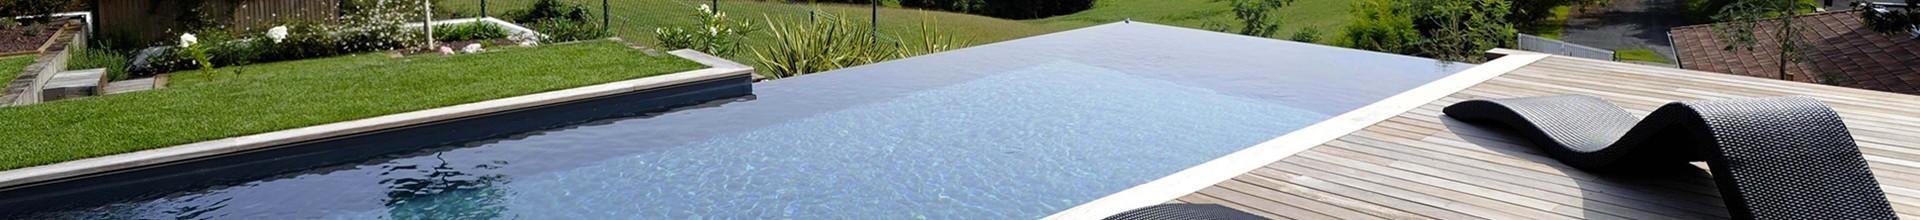 Direct usine, piscine coque prix Vernier